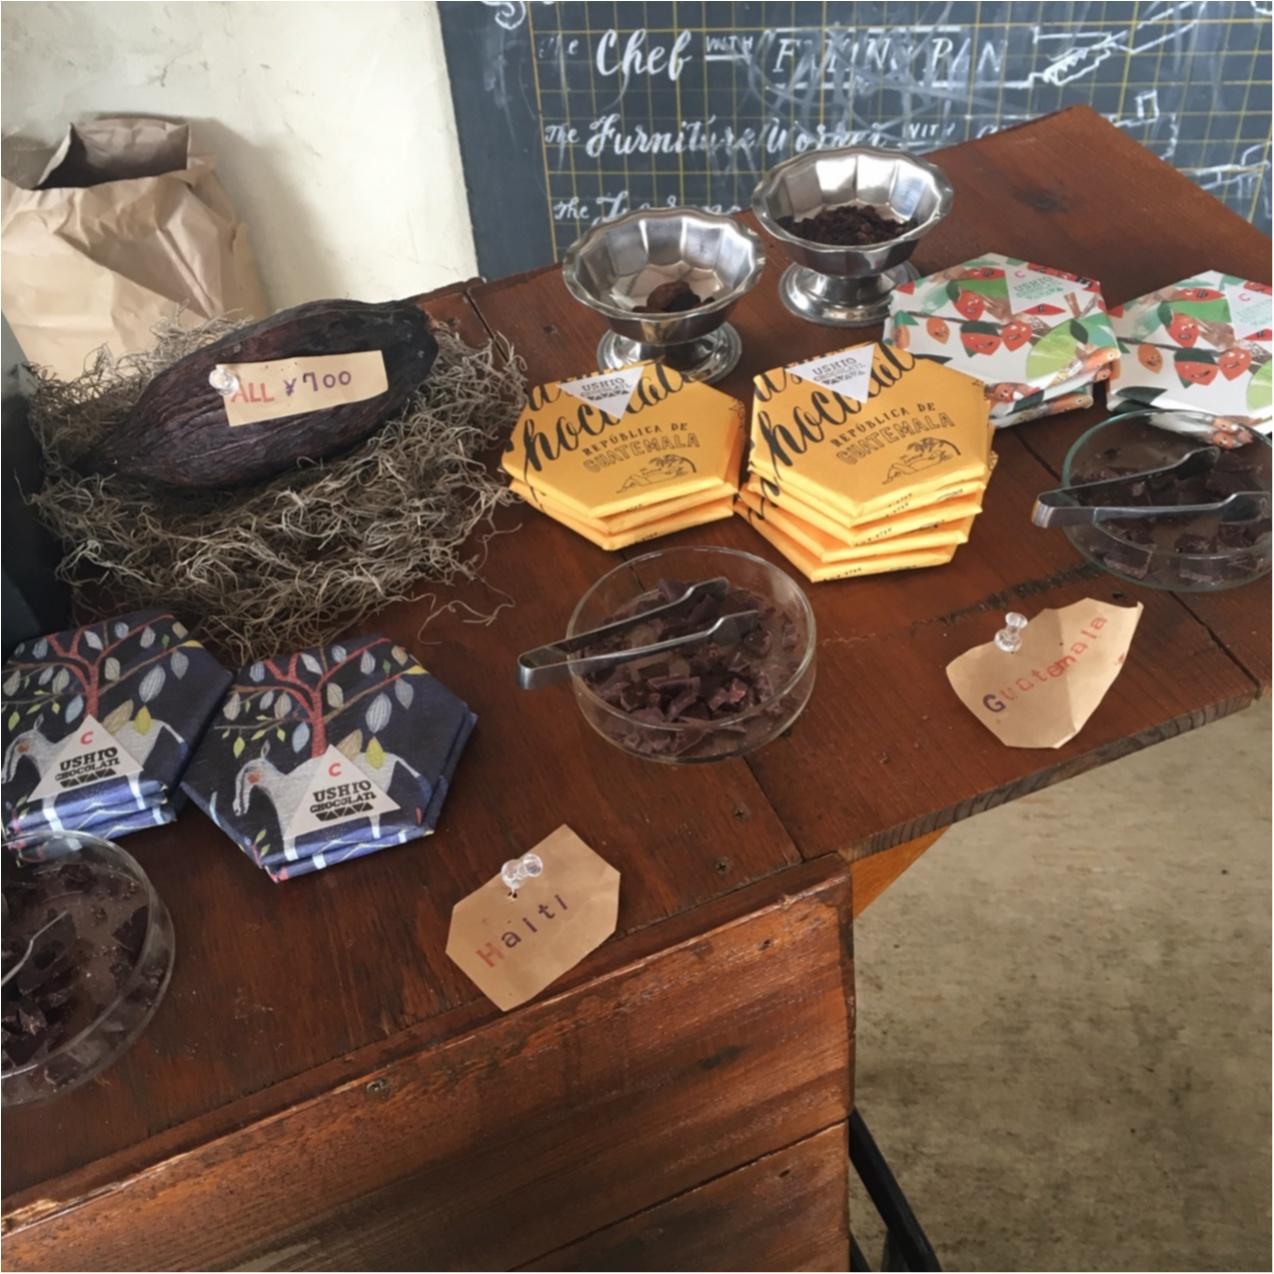 広島のおしゃれなお土産特集《2019年》- 人気の定番土産から話題のチョコ、スタバの限定タンブラーも!_15